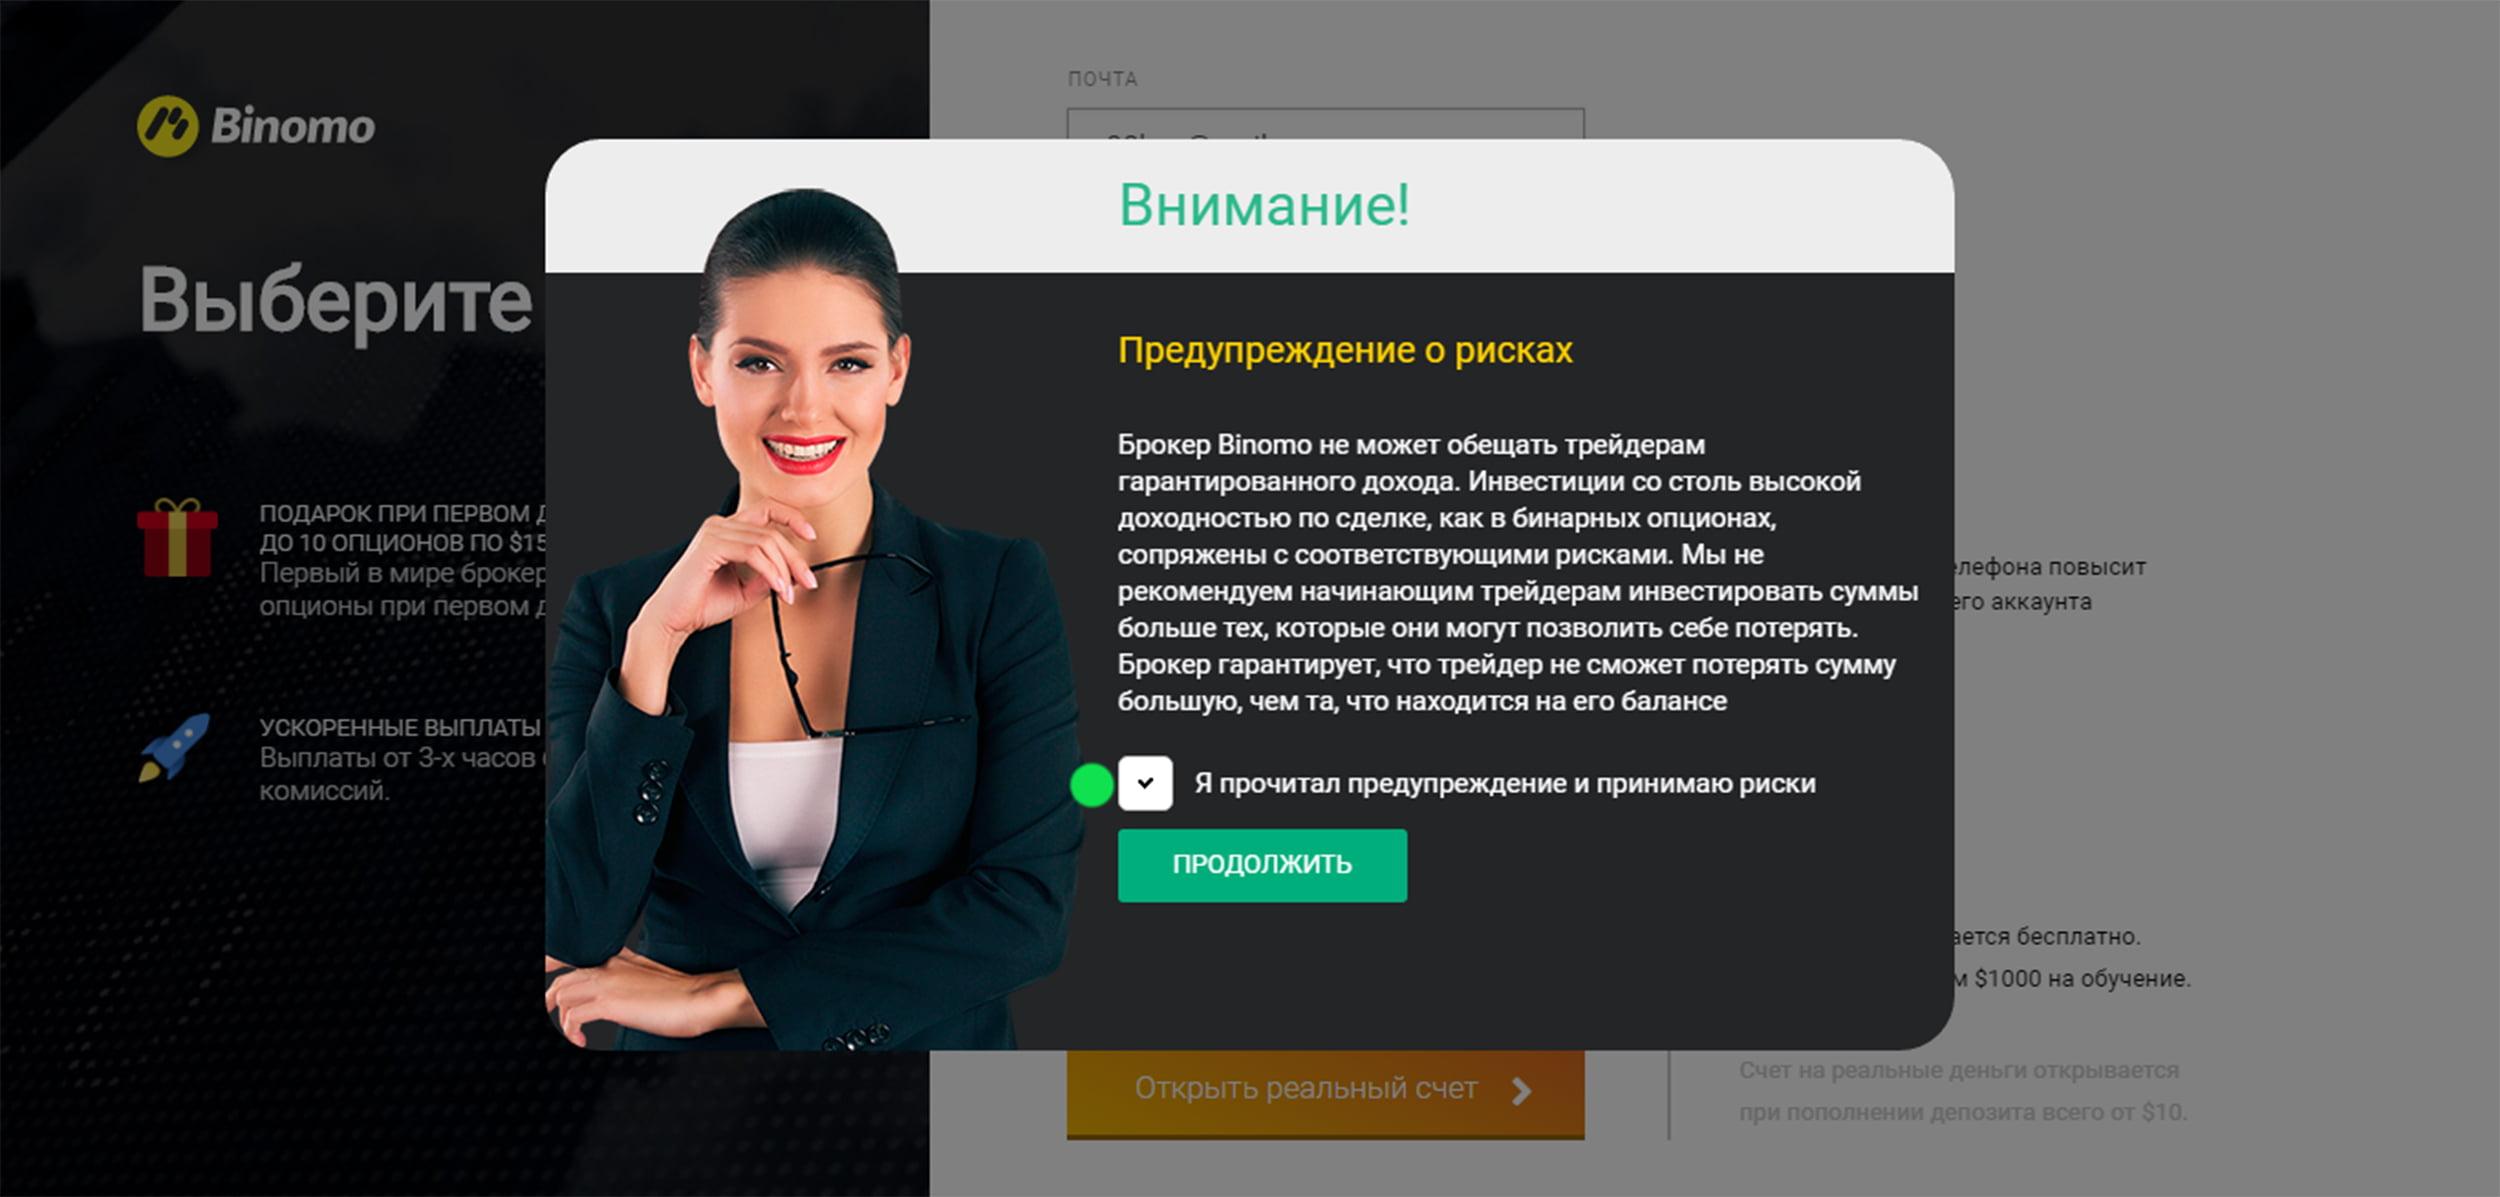 Принятие рисков при использовании платформы Binomo